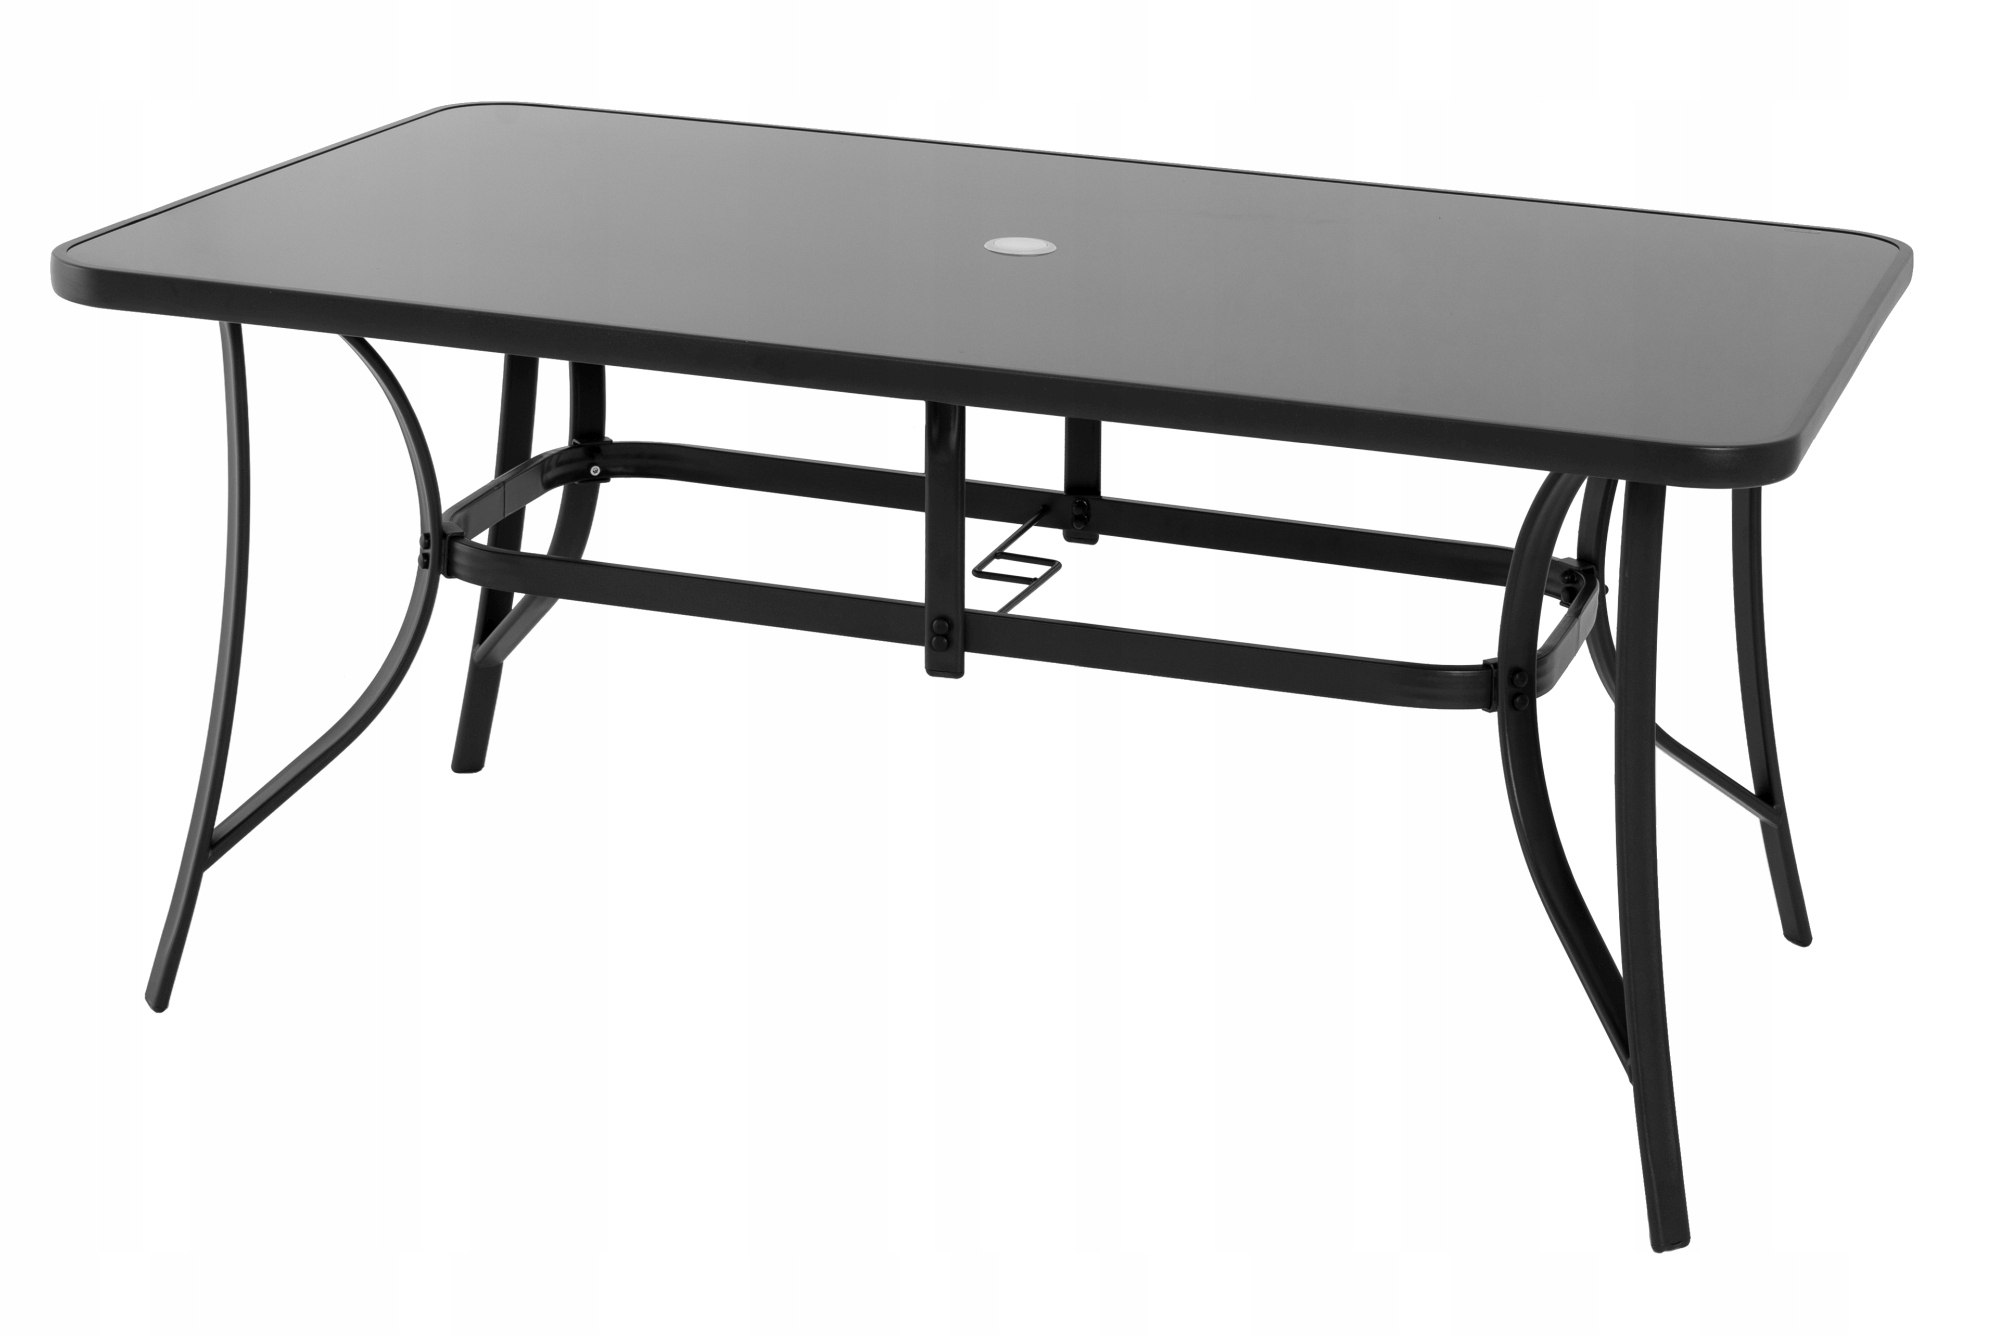 SADA ZÁHRADNÉHO NÁBYTKOVÉHO STOLU Dáždnik 6 STOLIČIEK Typ stola a stoličiek